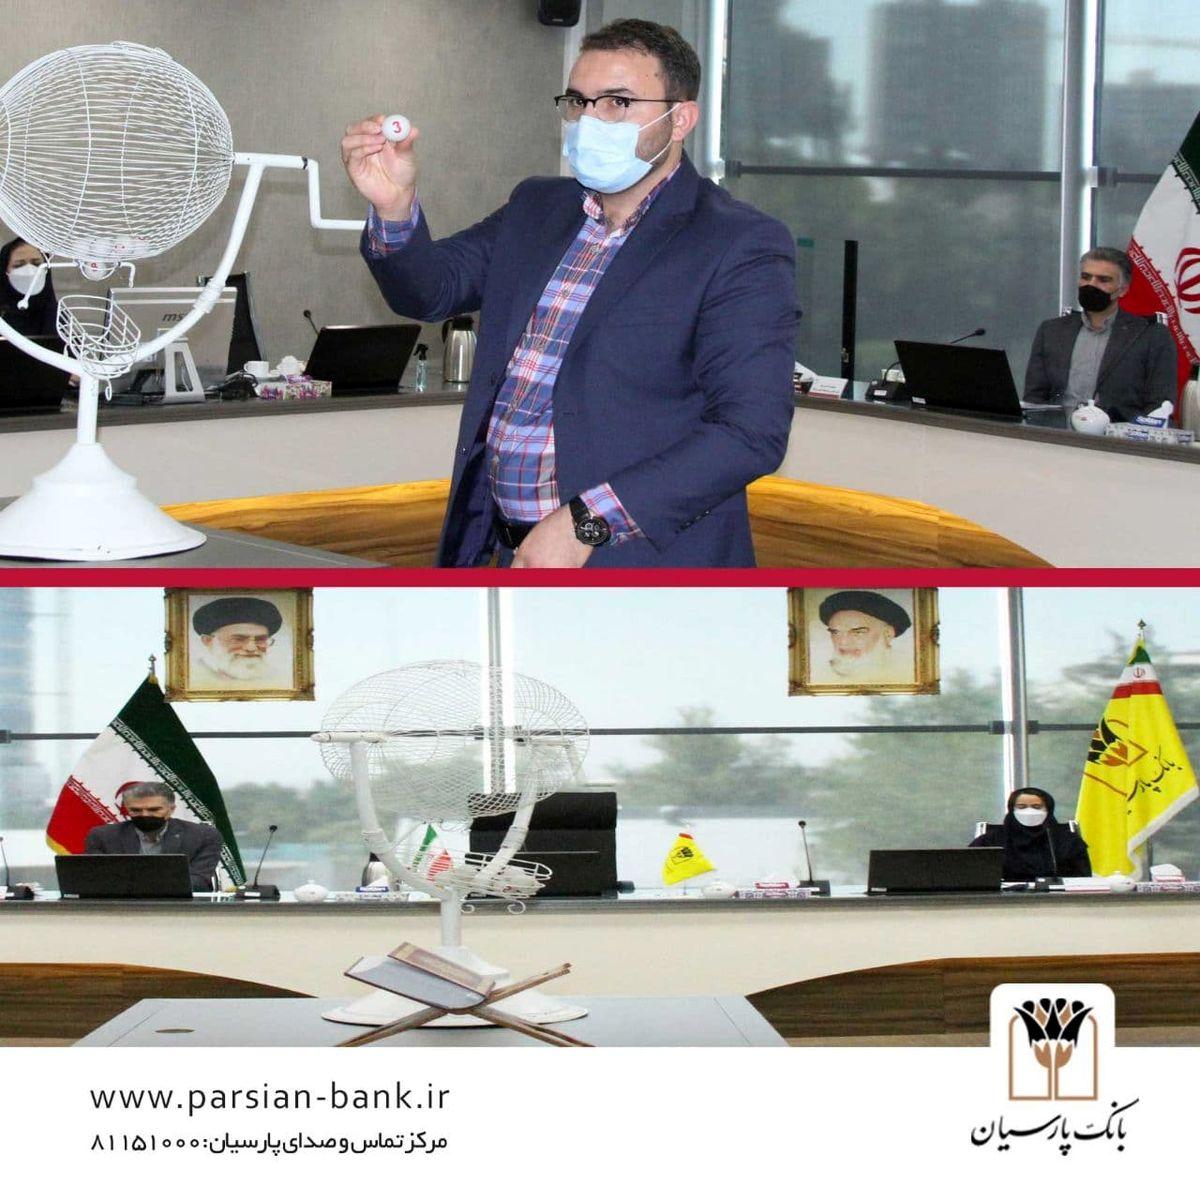 اعلام نتایج قرعه کشی تابستانه باشگاه مشتریان بانک پارسیان